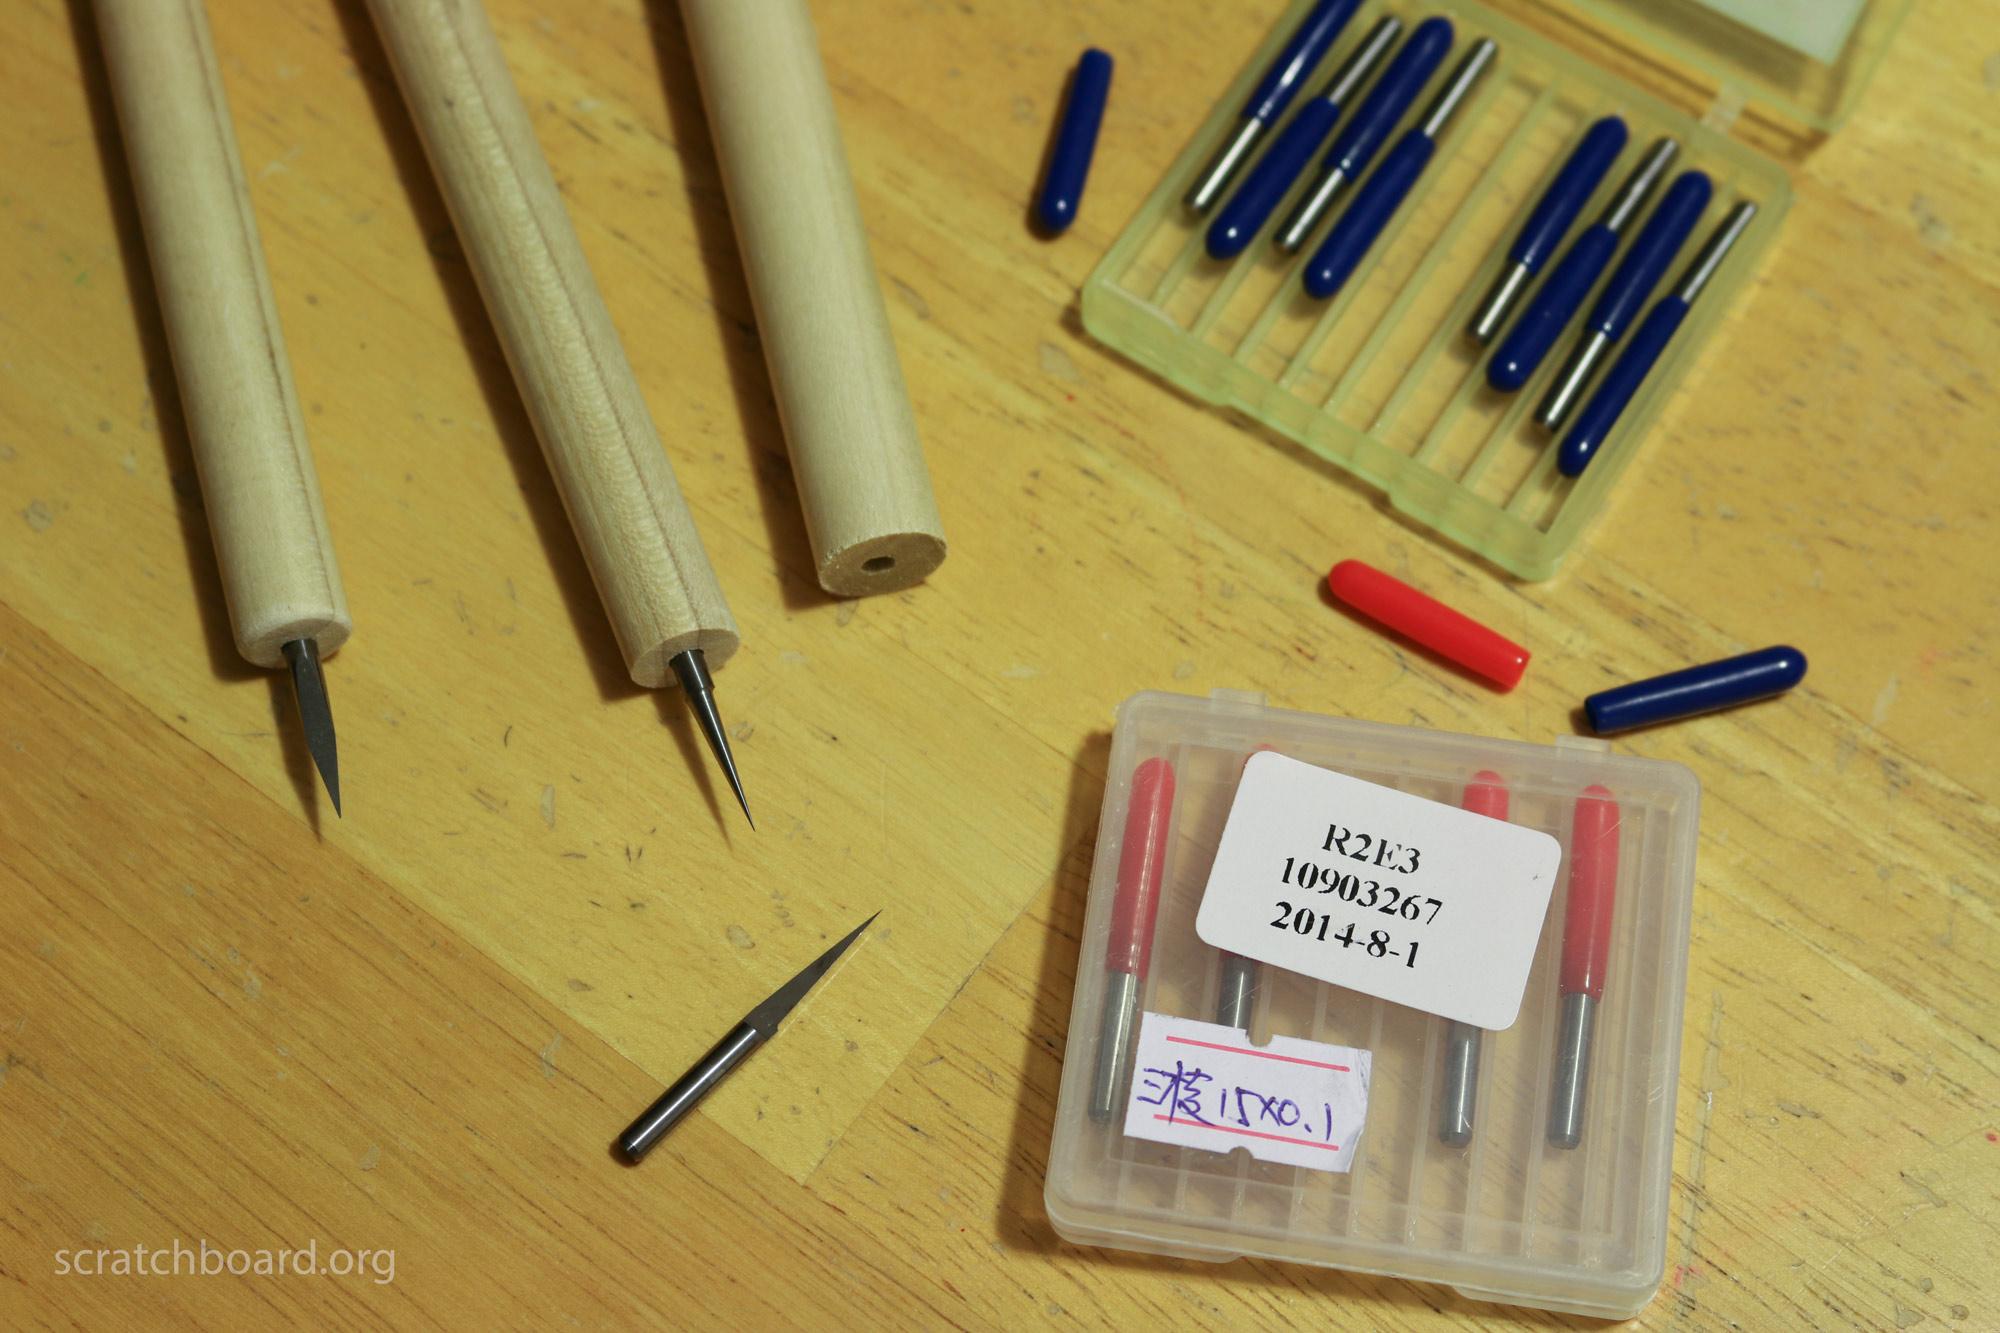 cnc-bits-as-scratchboard-tools